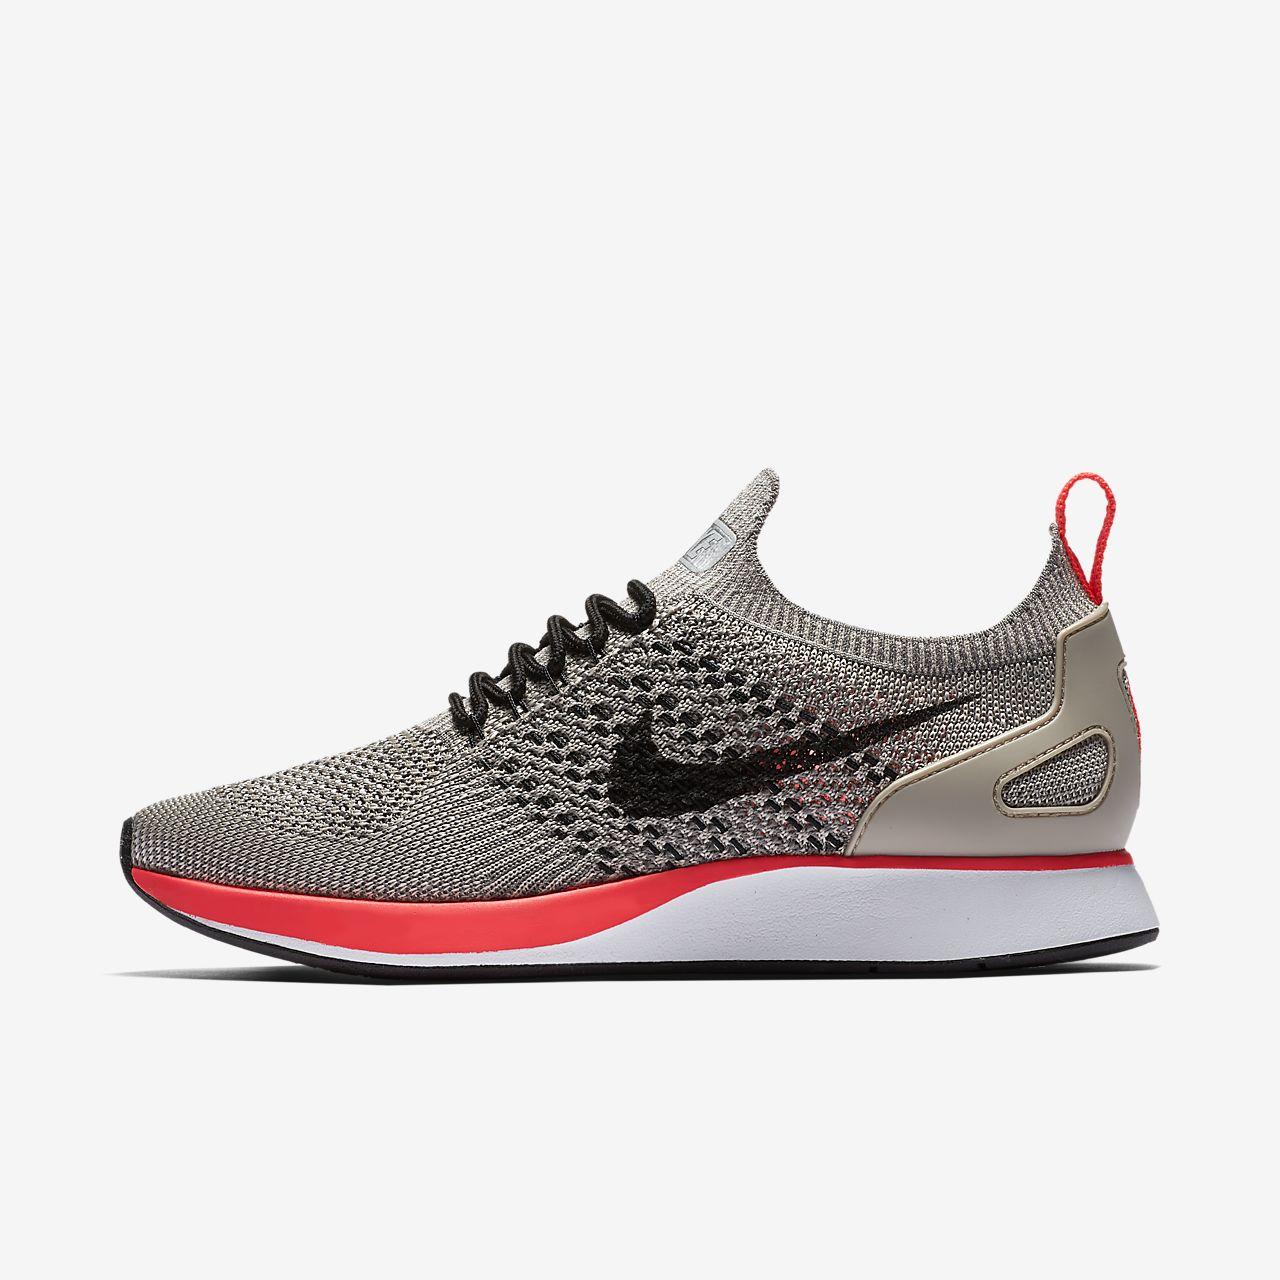 NUOVA linea donna Nike FREE SCARPE DA GINNASTICA Connect/Scarpe da ginnastica/sport scarpe/Volt Nero/palestra/esegui